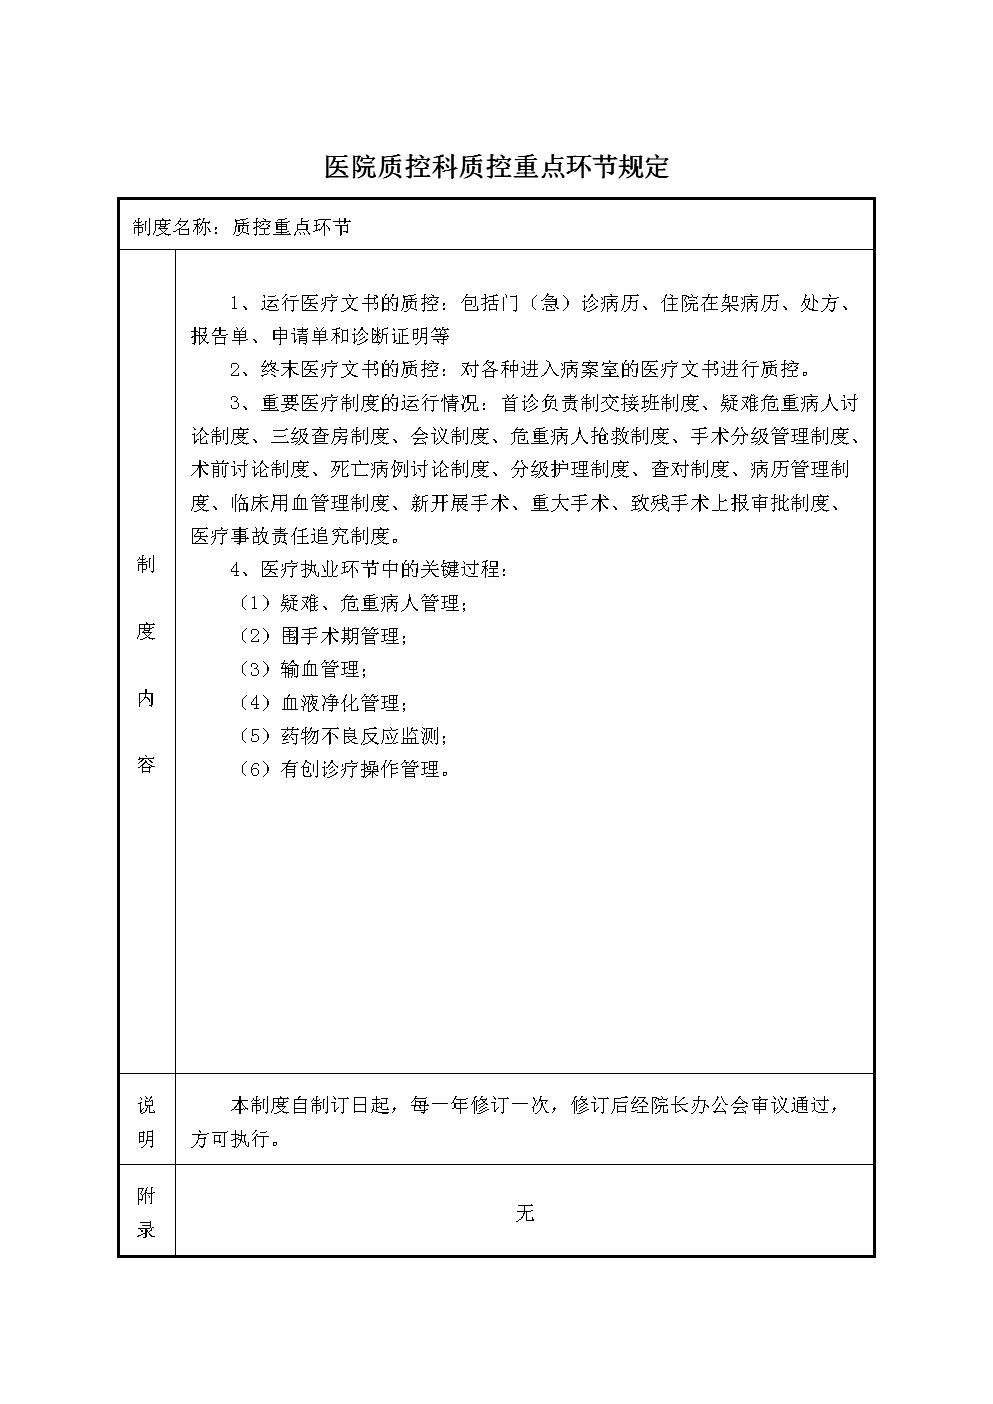 医院质控科质控重点环节规定.docx